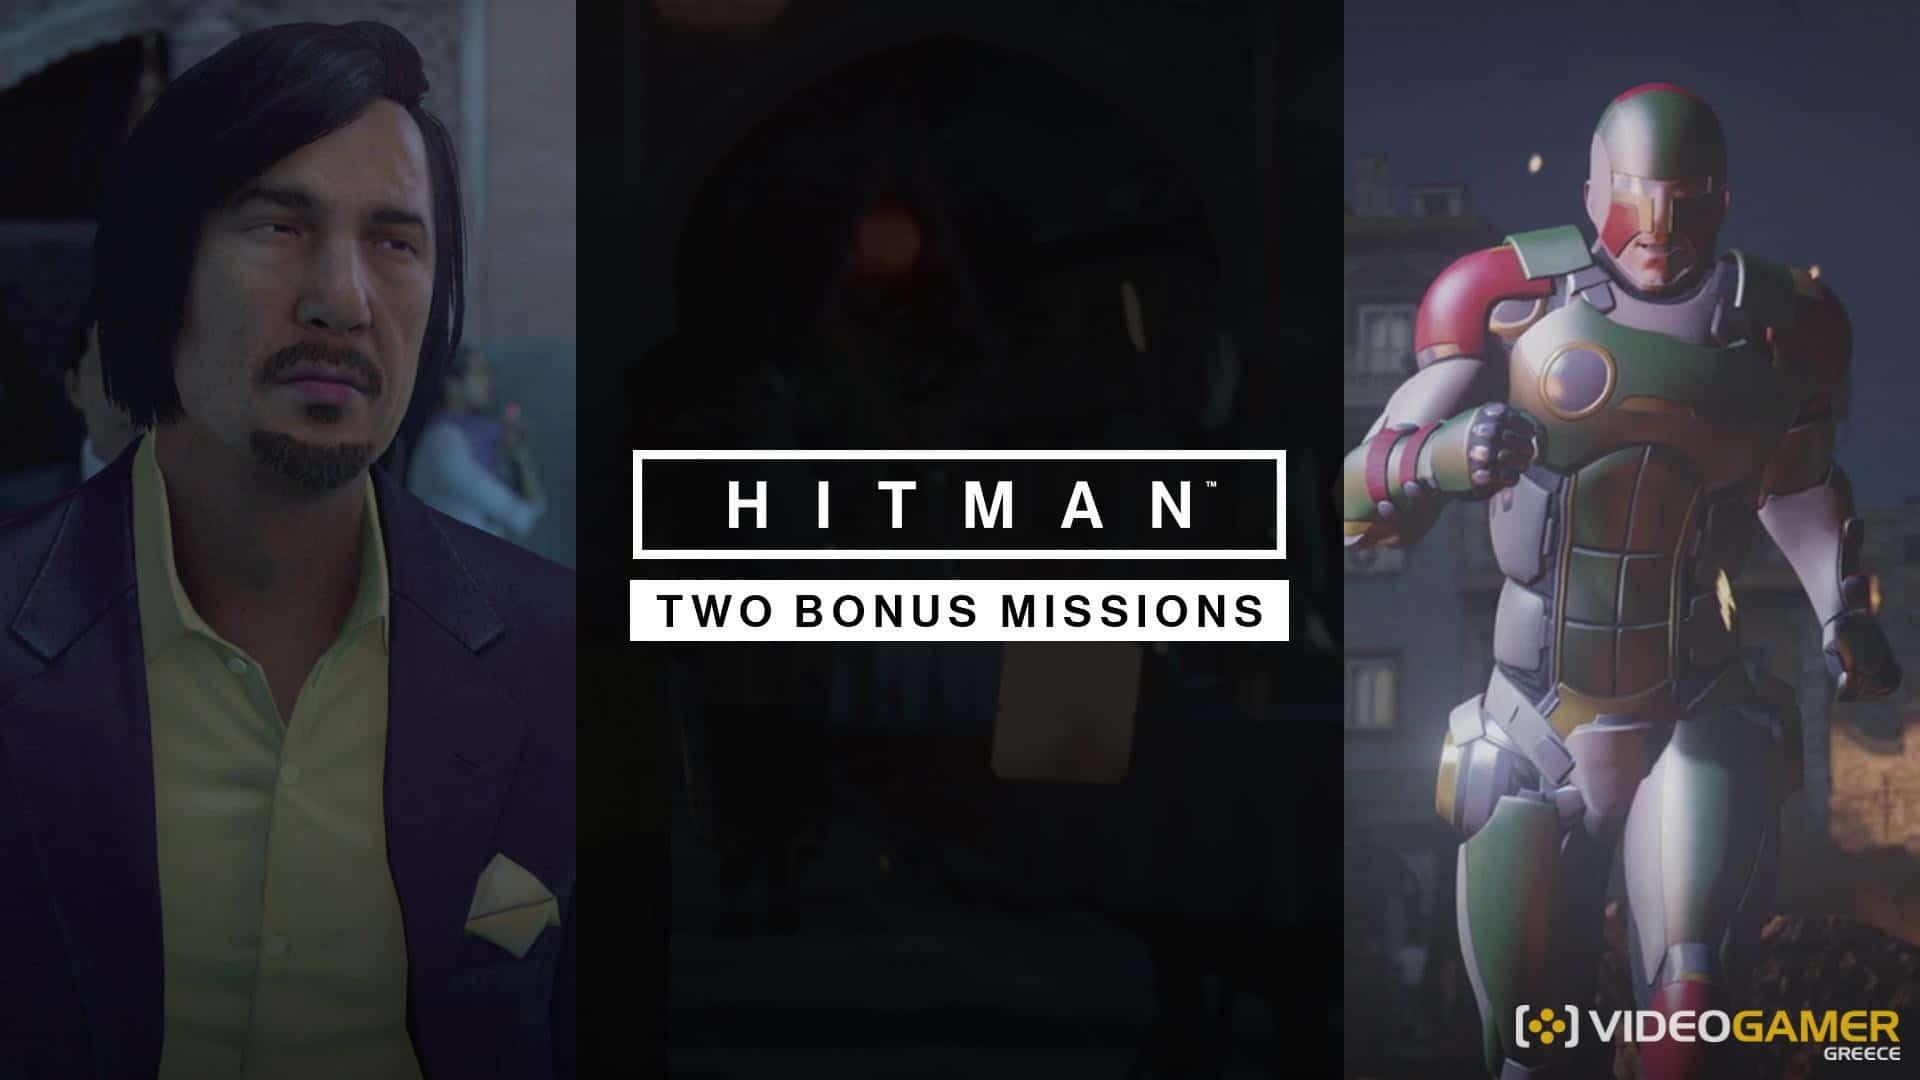 Hitman Bonus - videogamer.gr